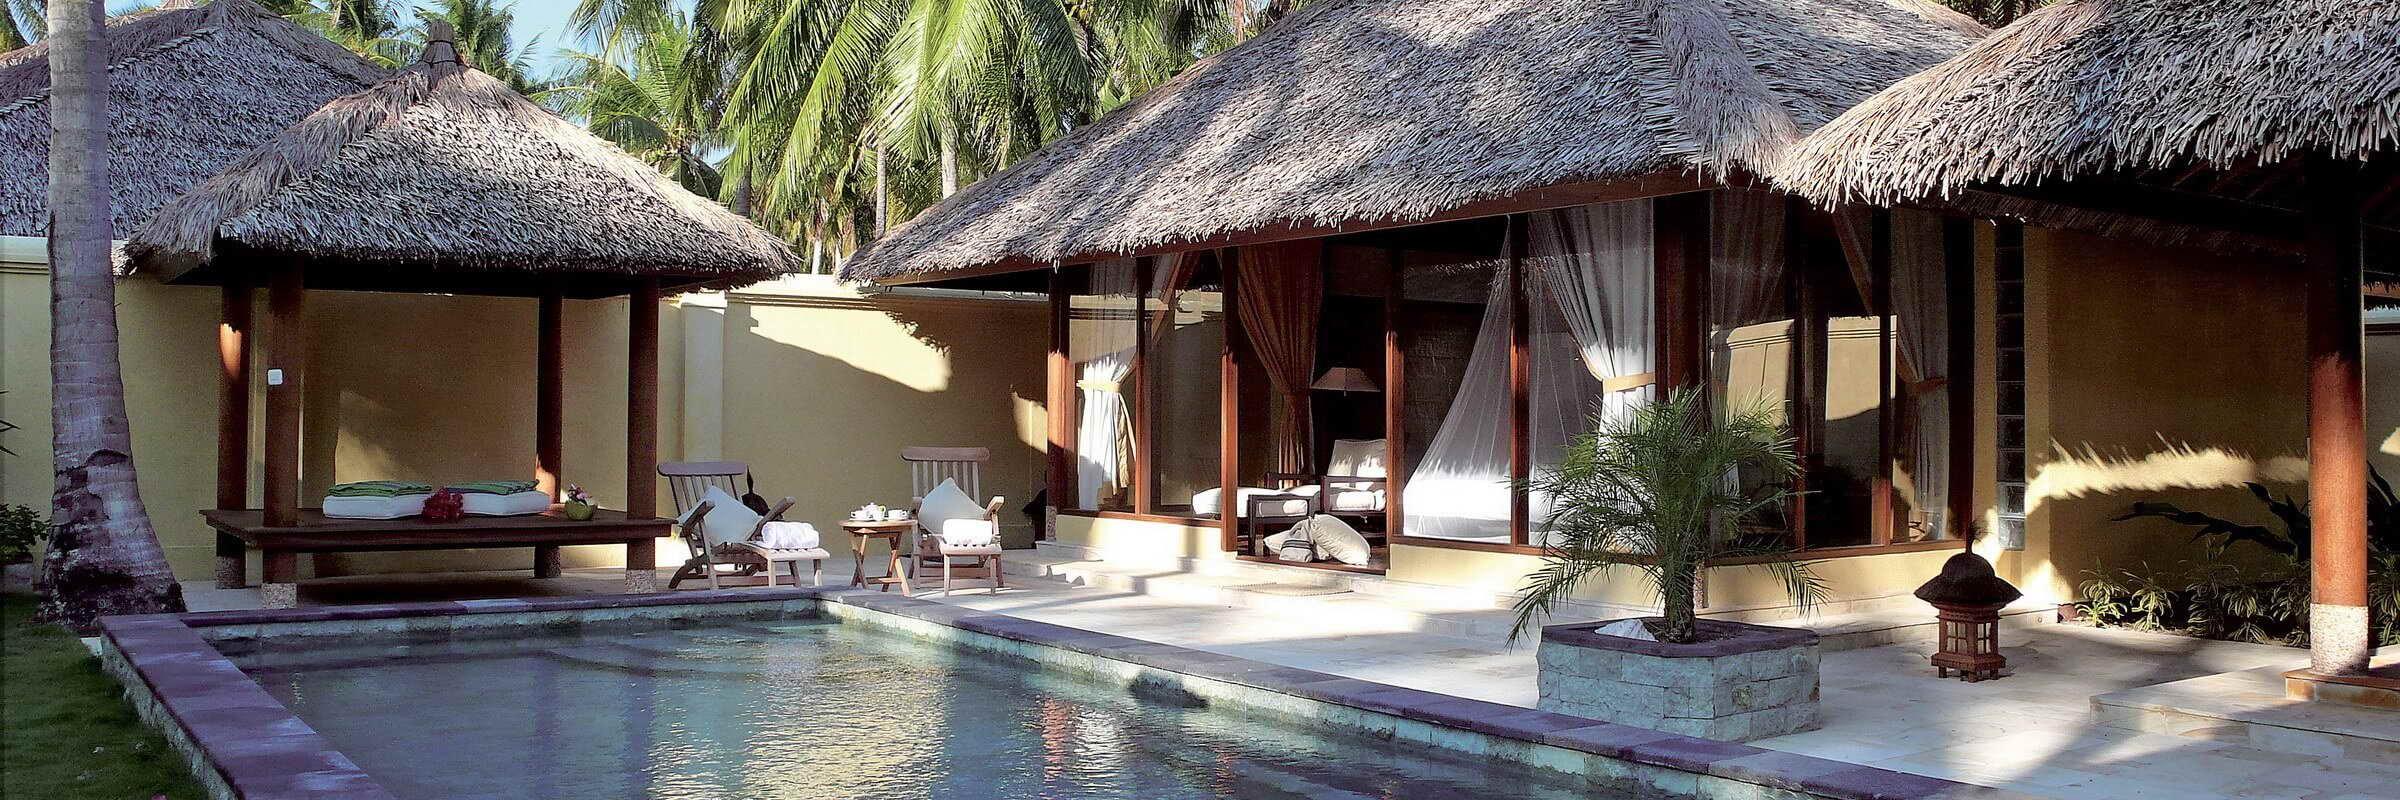 Aussenansicht der luxurioesen Pool Villen des Kura Kura Resorts im Karimunjawa Archipel mit privatem Pool mittem im Palmenwald